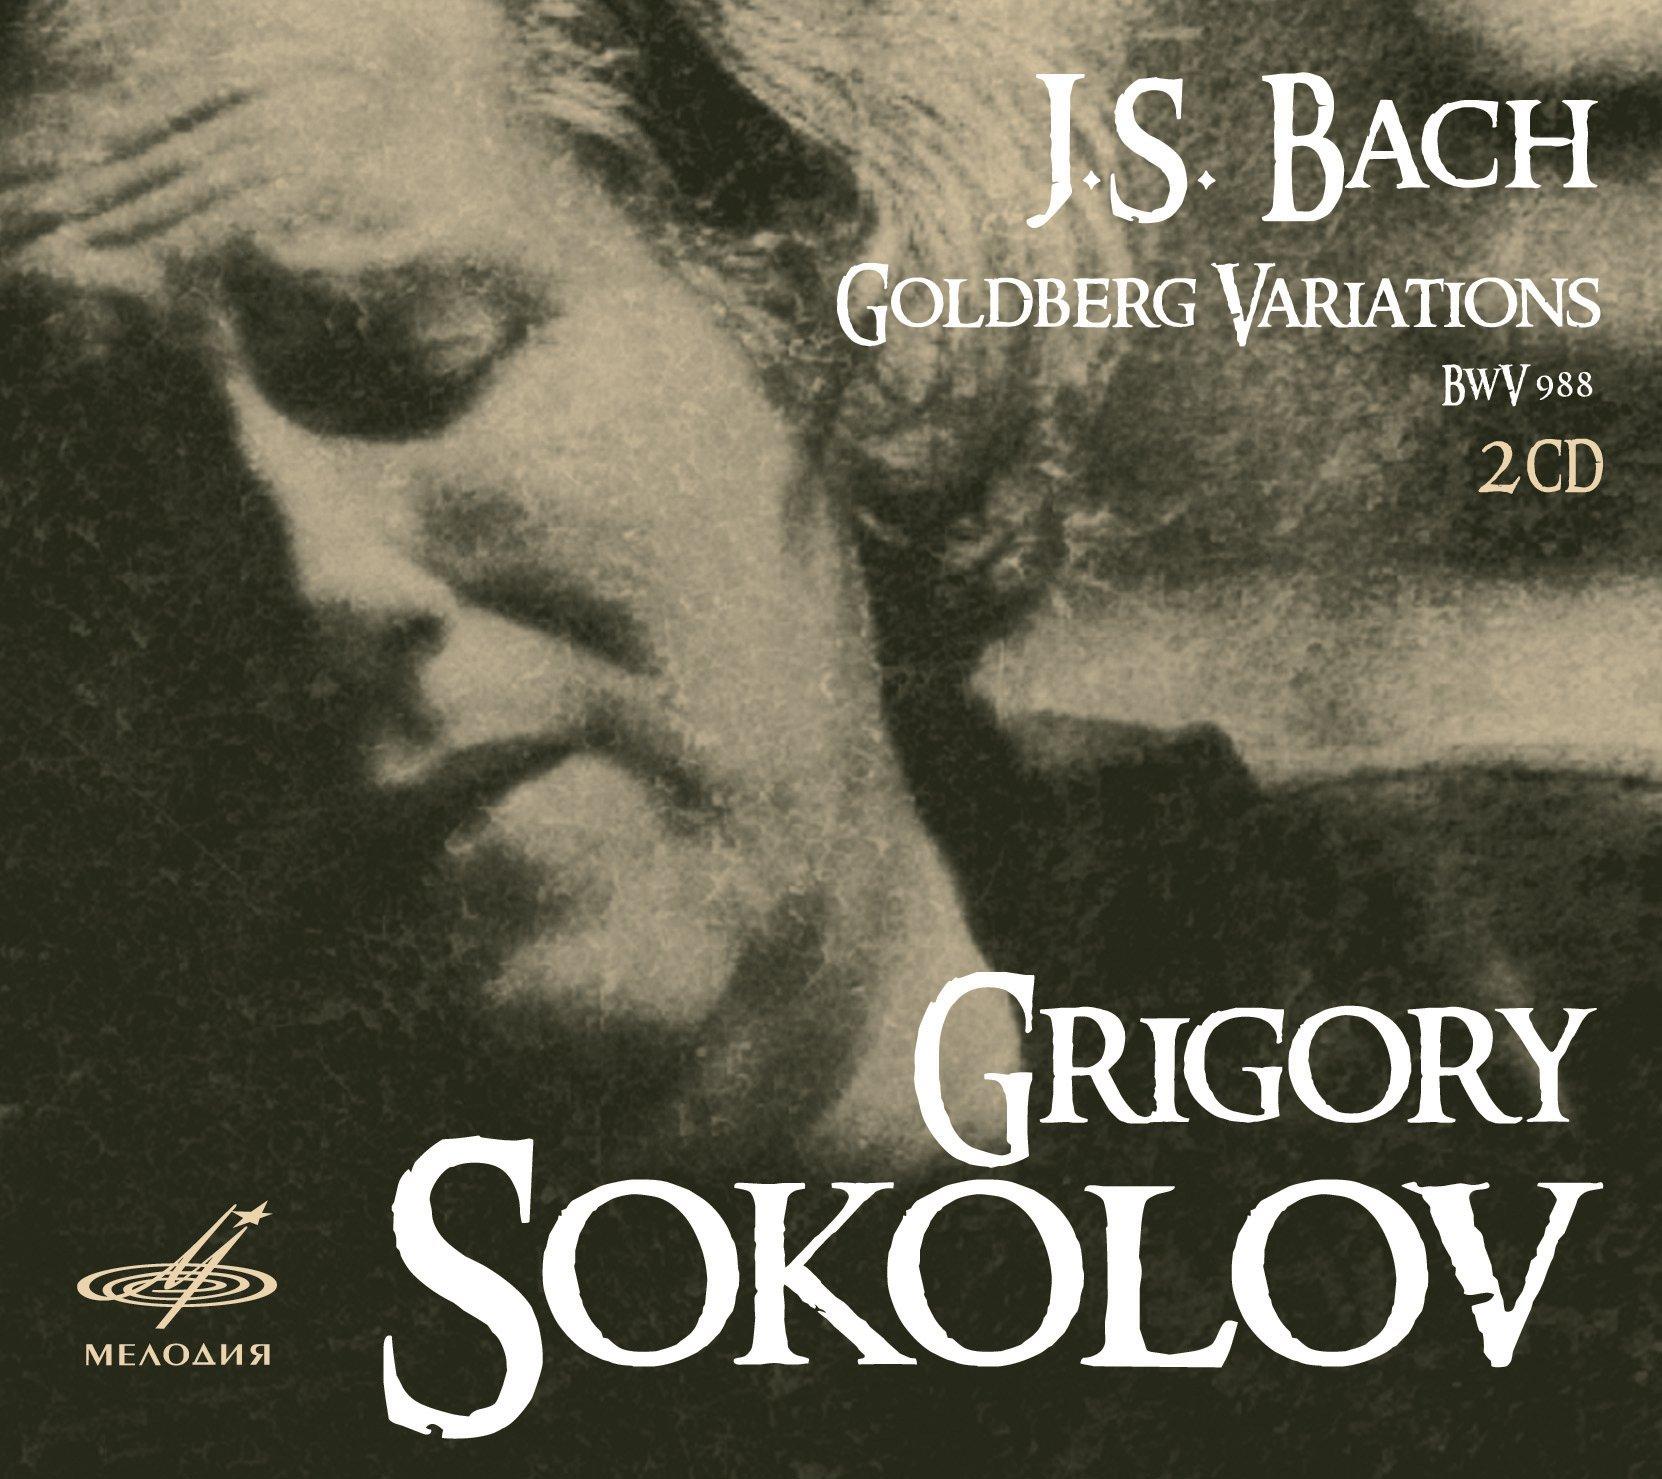 Bach: Grigory Sokolov plays Goldberg Variations